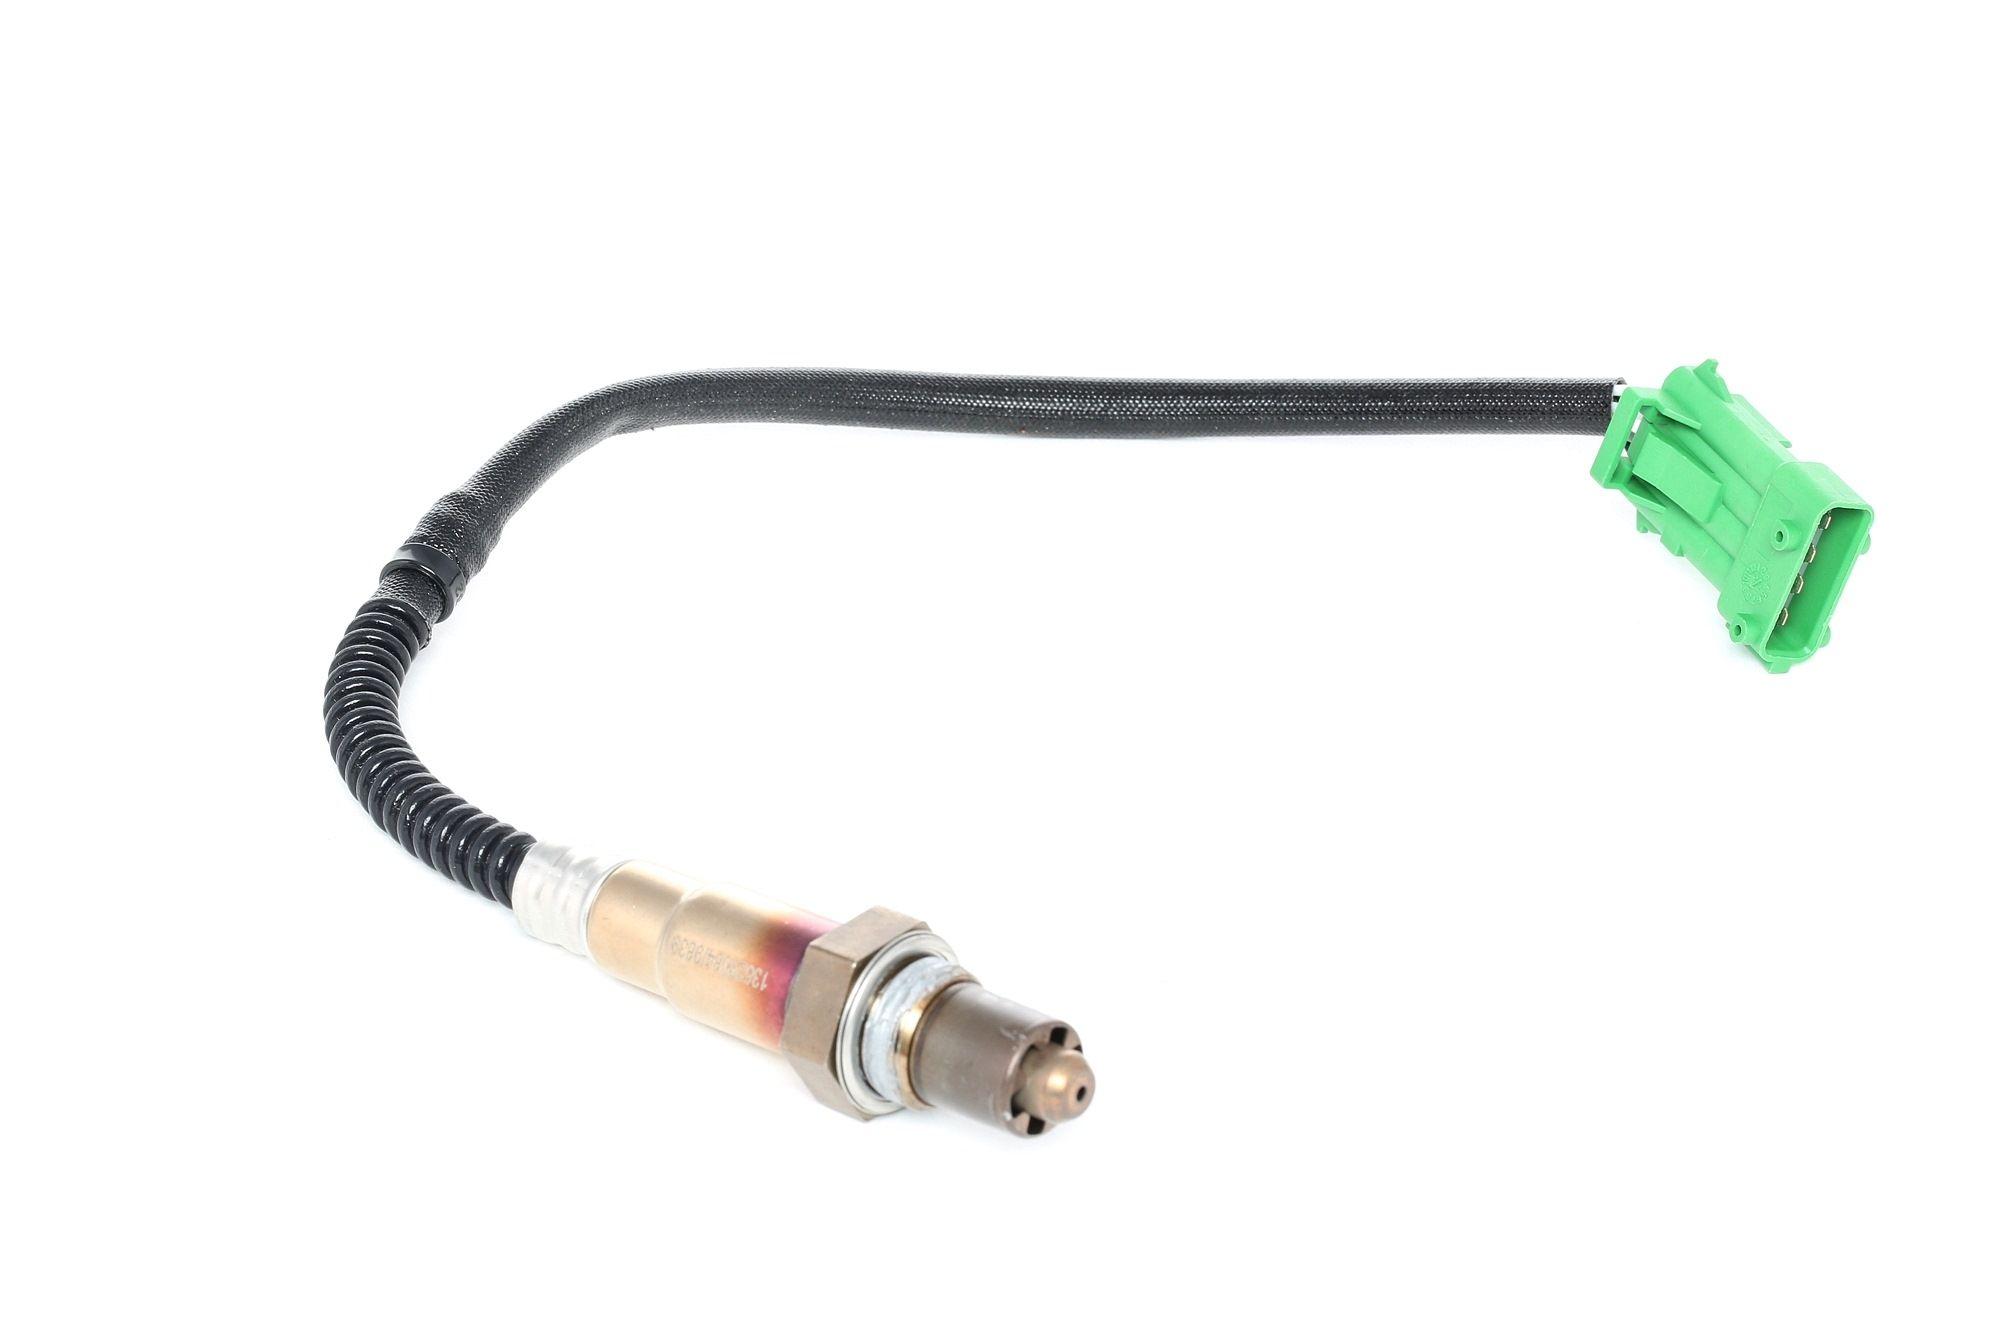 Achetez Sonde à oxygène RIDEX 3922L0072 () à un rapport qualité-prix exceptionnel